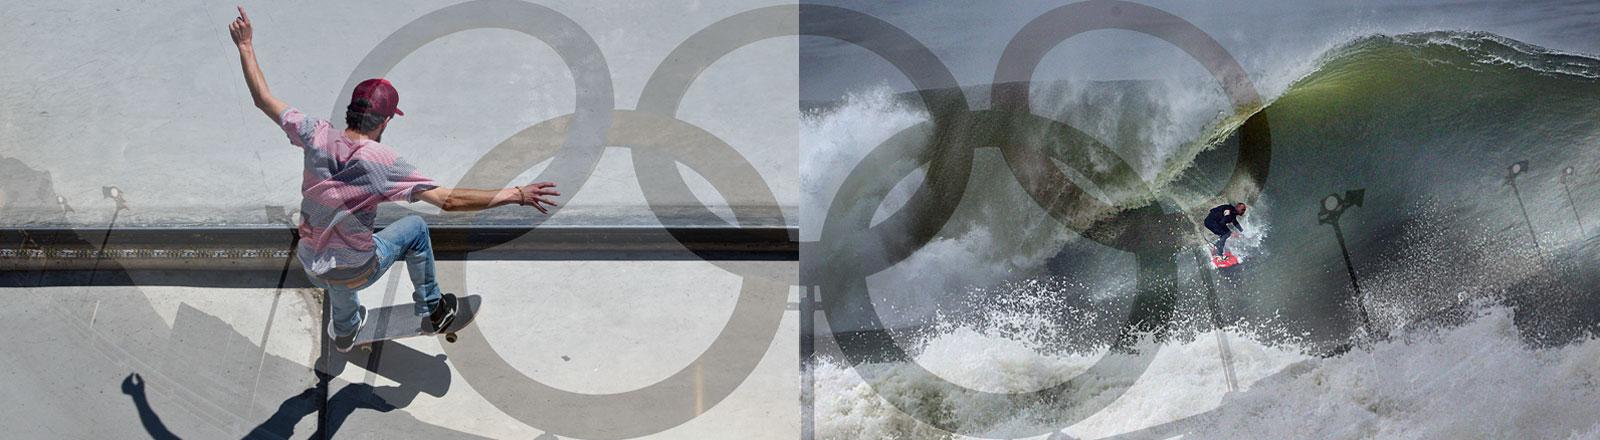 Skater und Surfer vor Olympischen Ringen